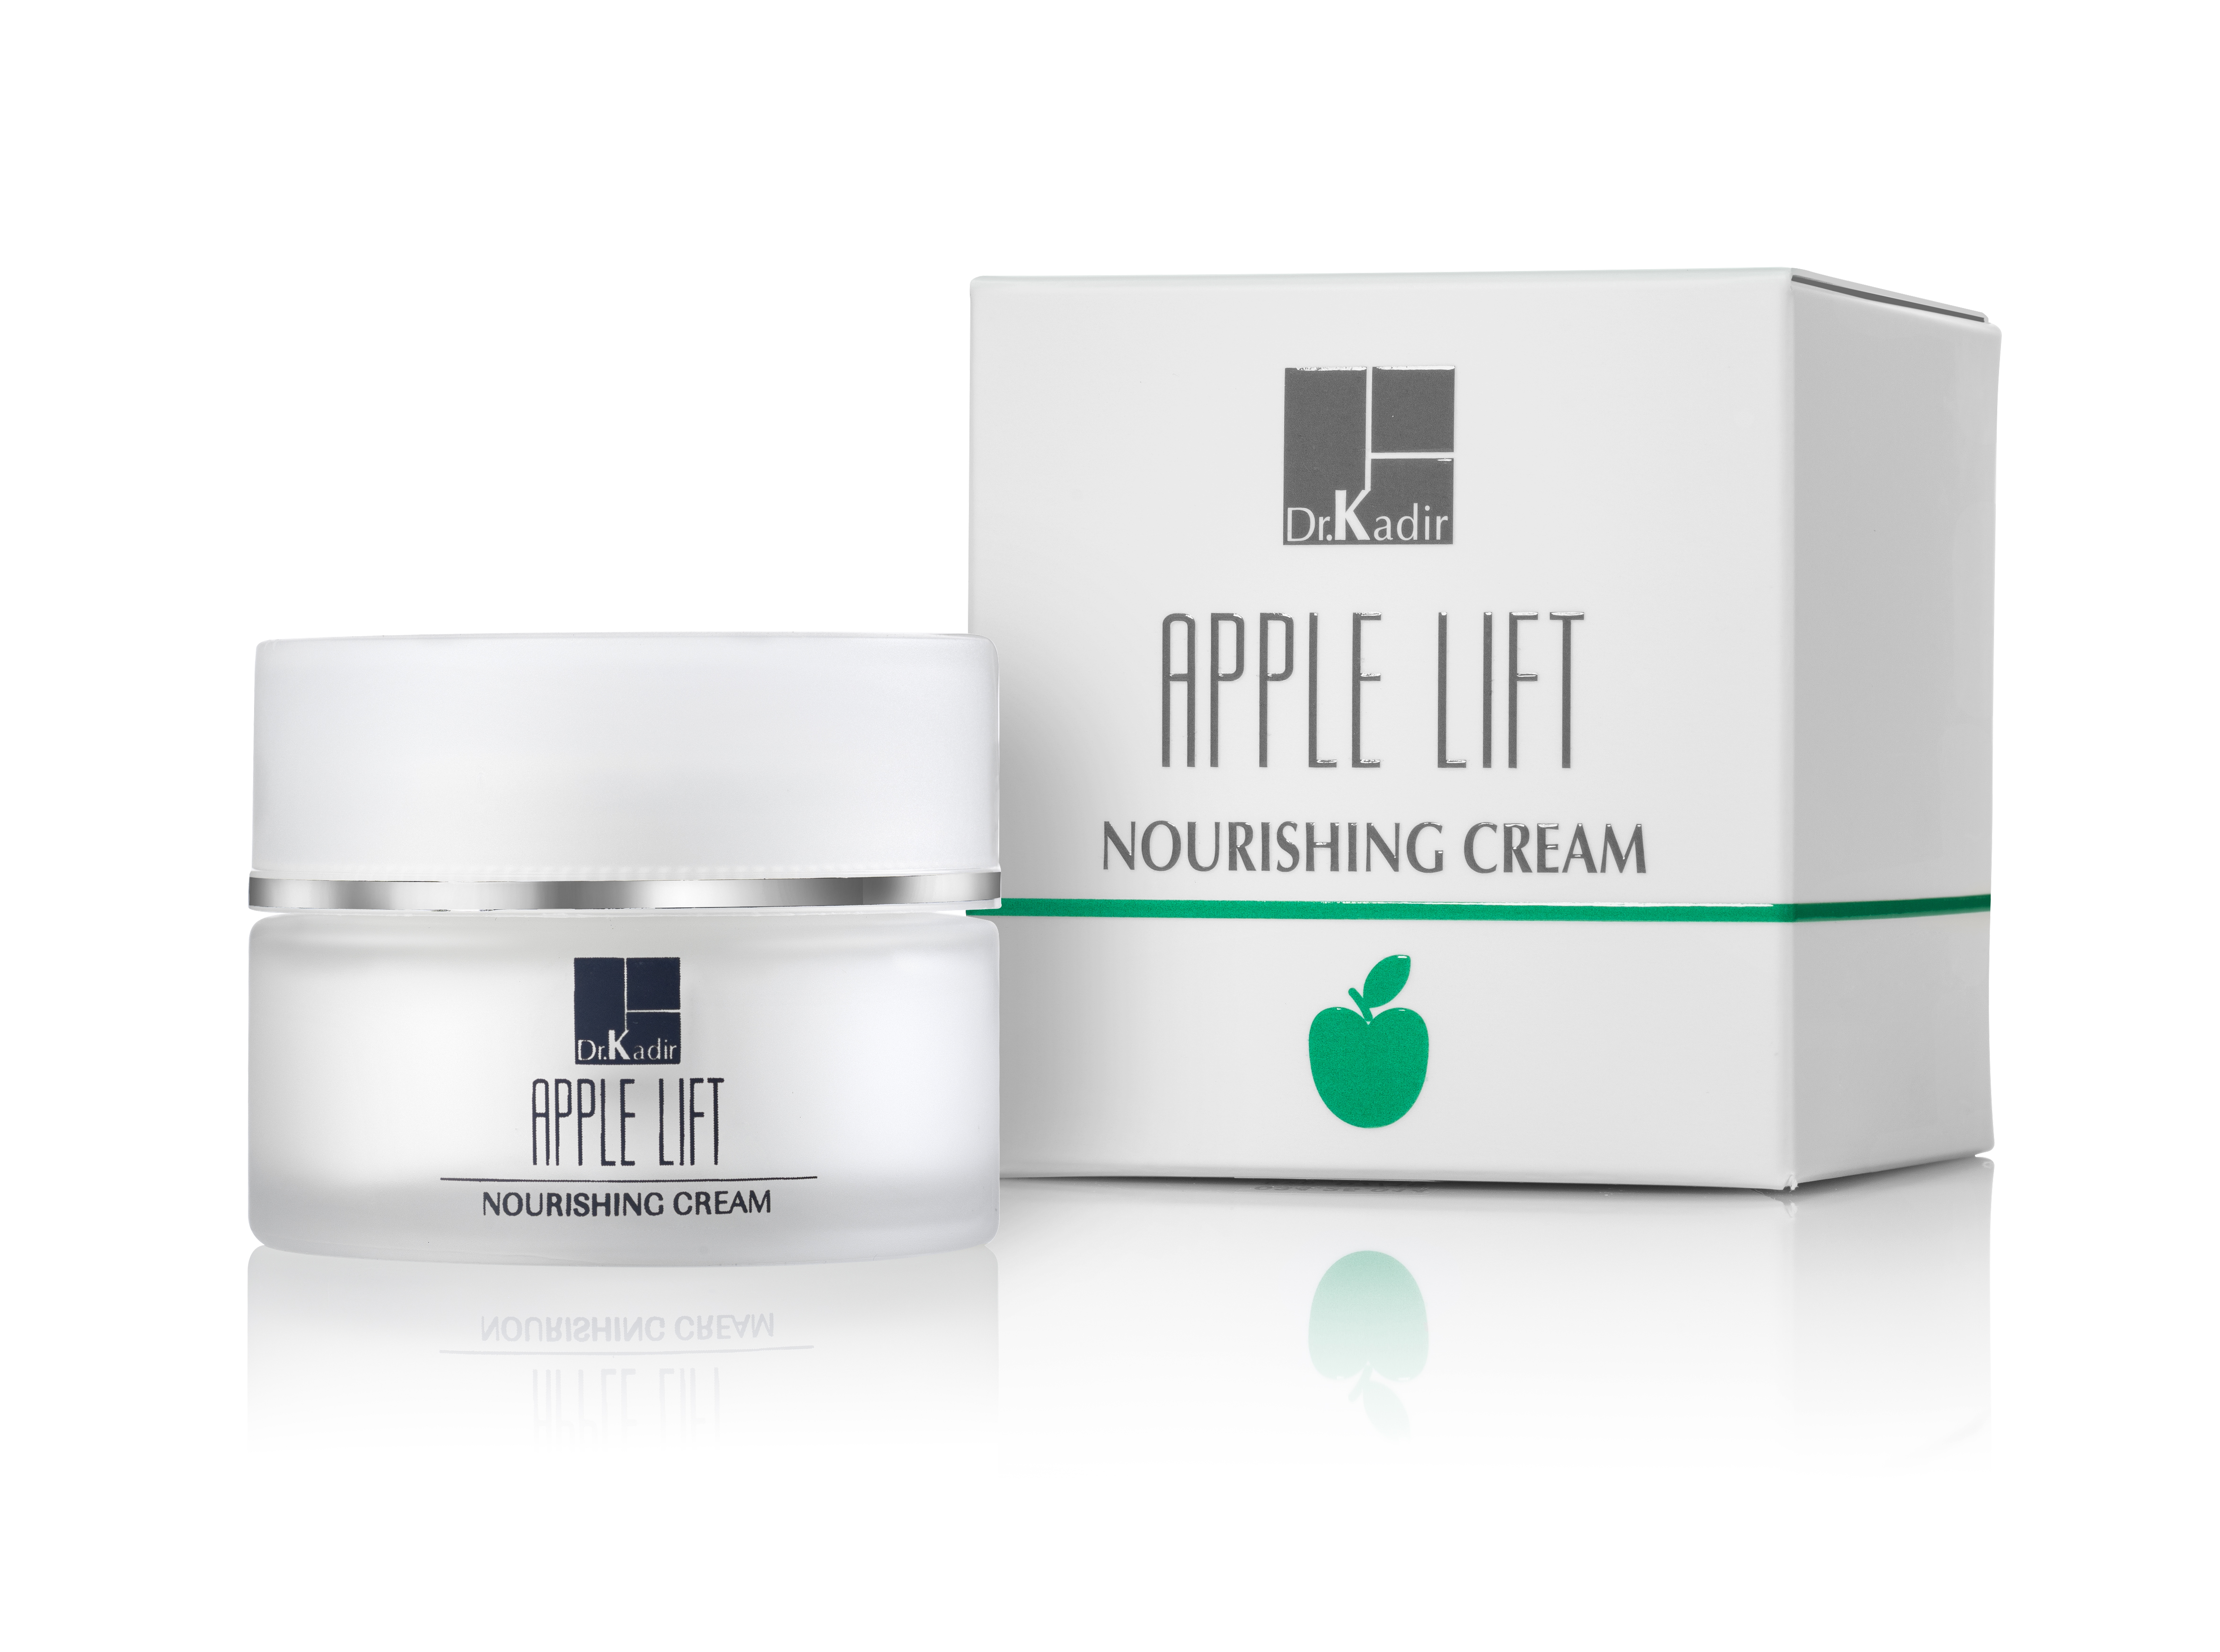 DR KADIR Крем питательный для нормальной/сухой кожи / Apple Lift home care 50мл